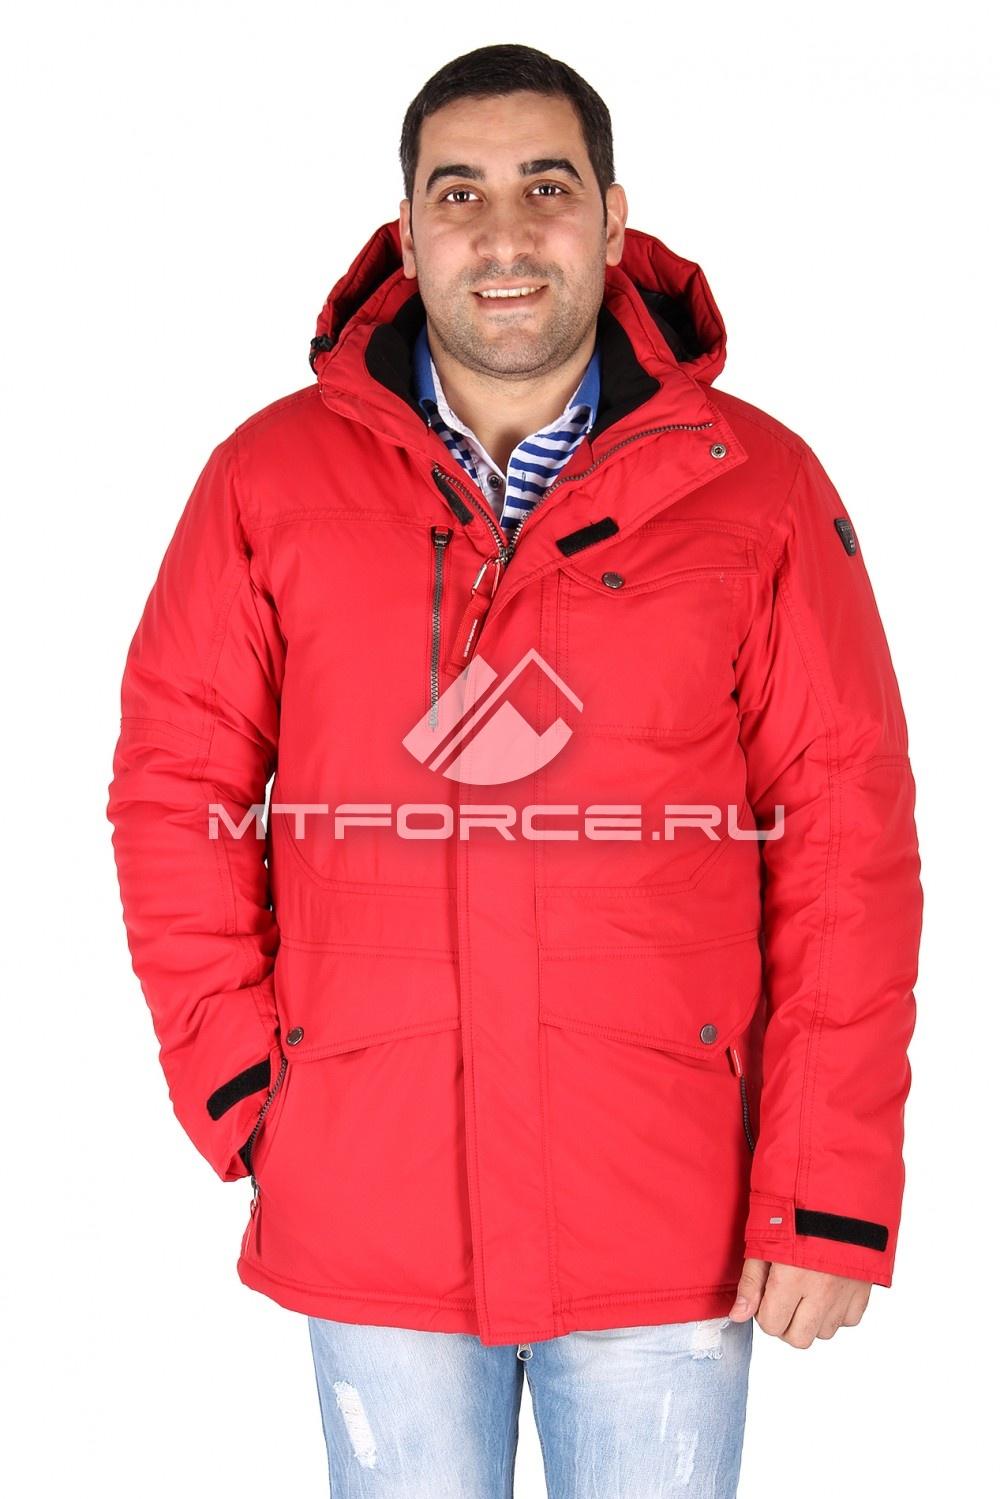 Купить                                  оптом Куртка классическая зимняя мужская красного цвета 15039Kr